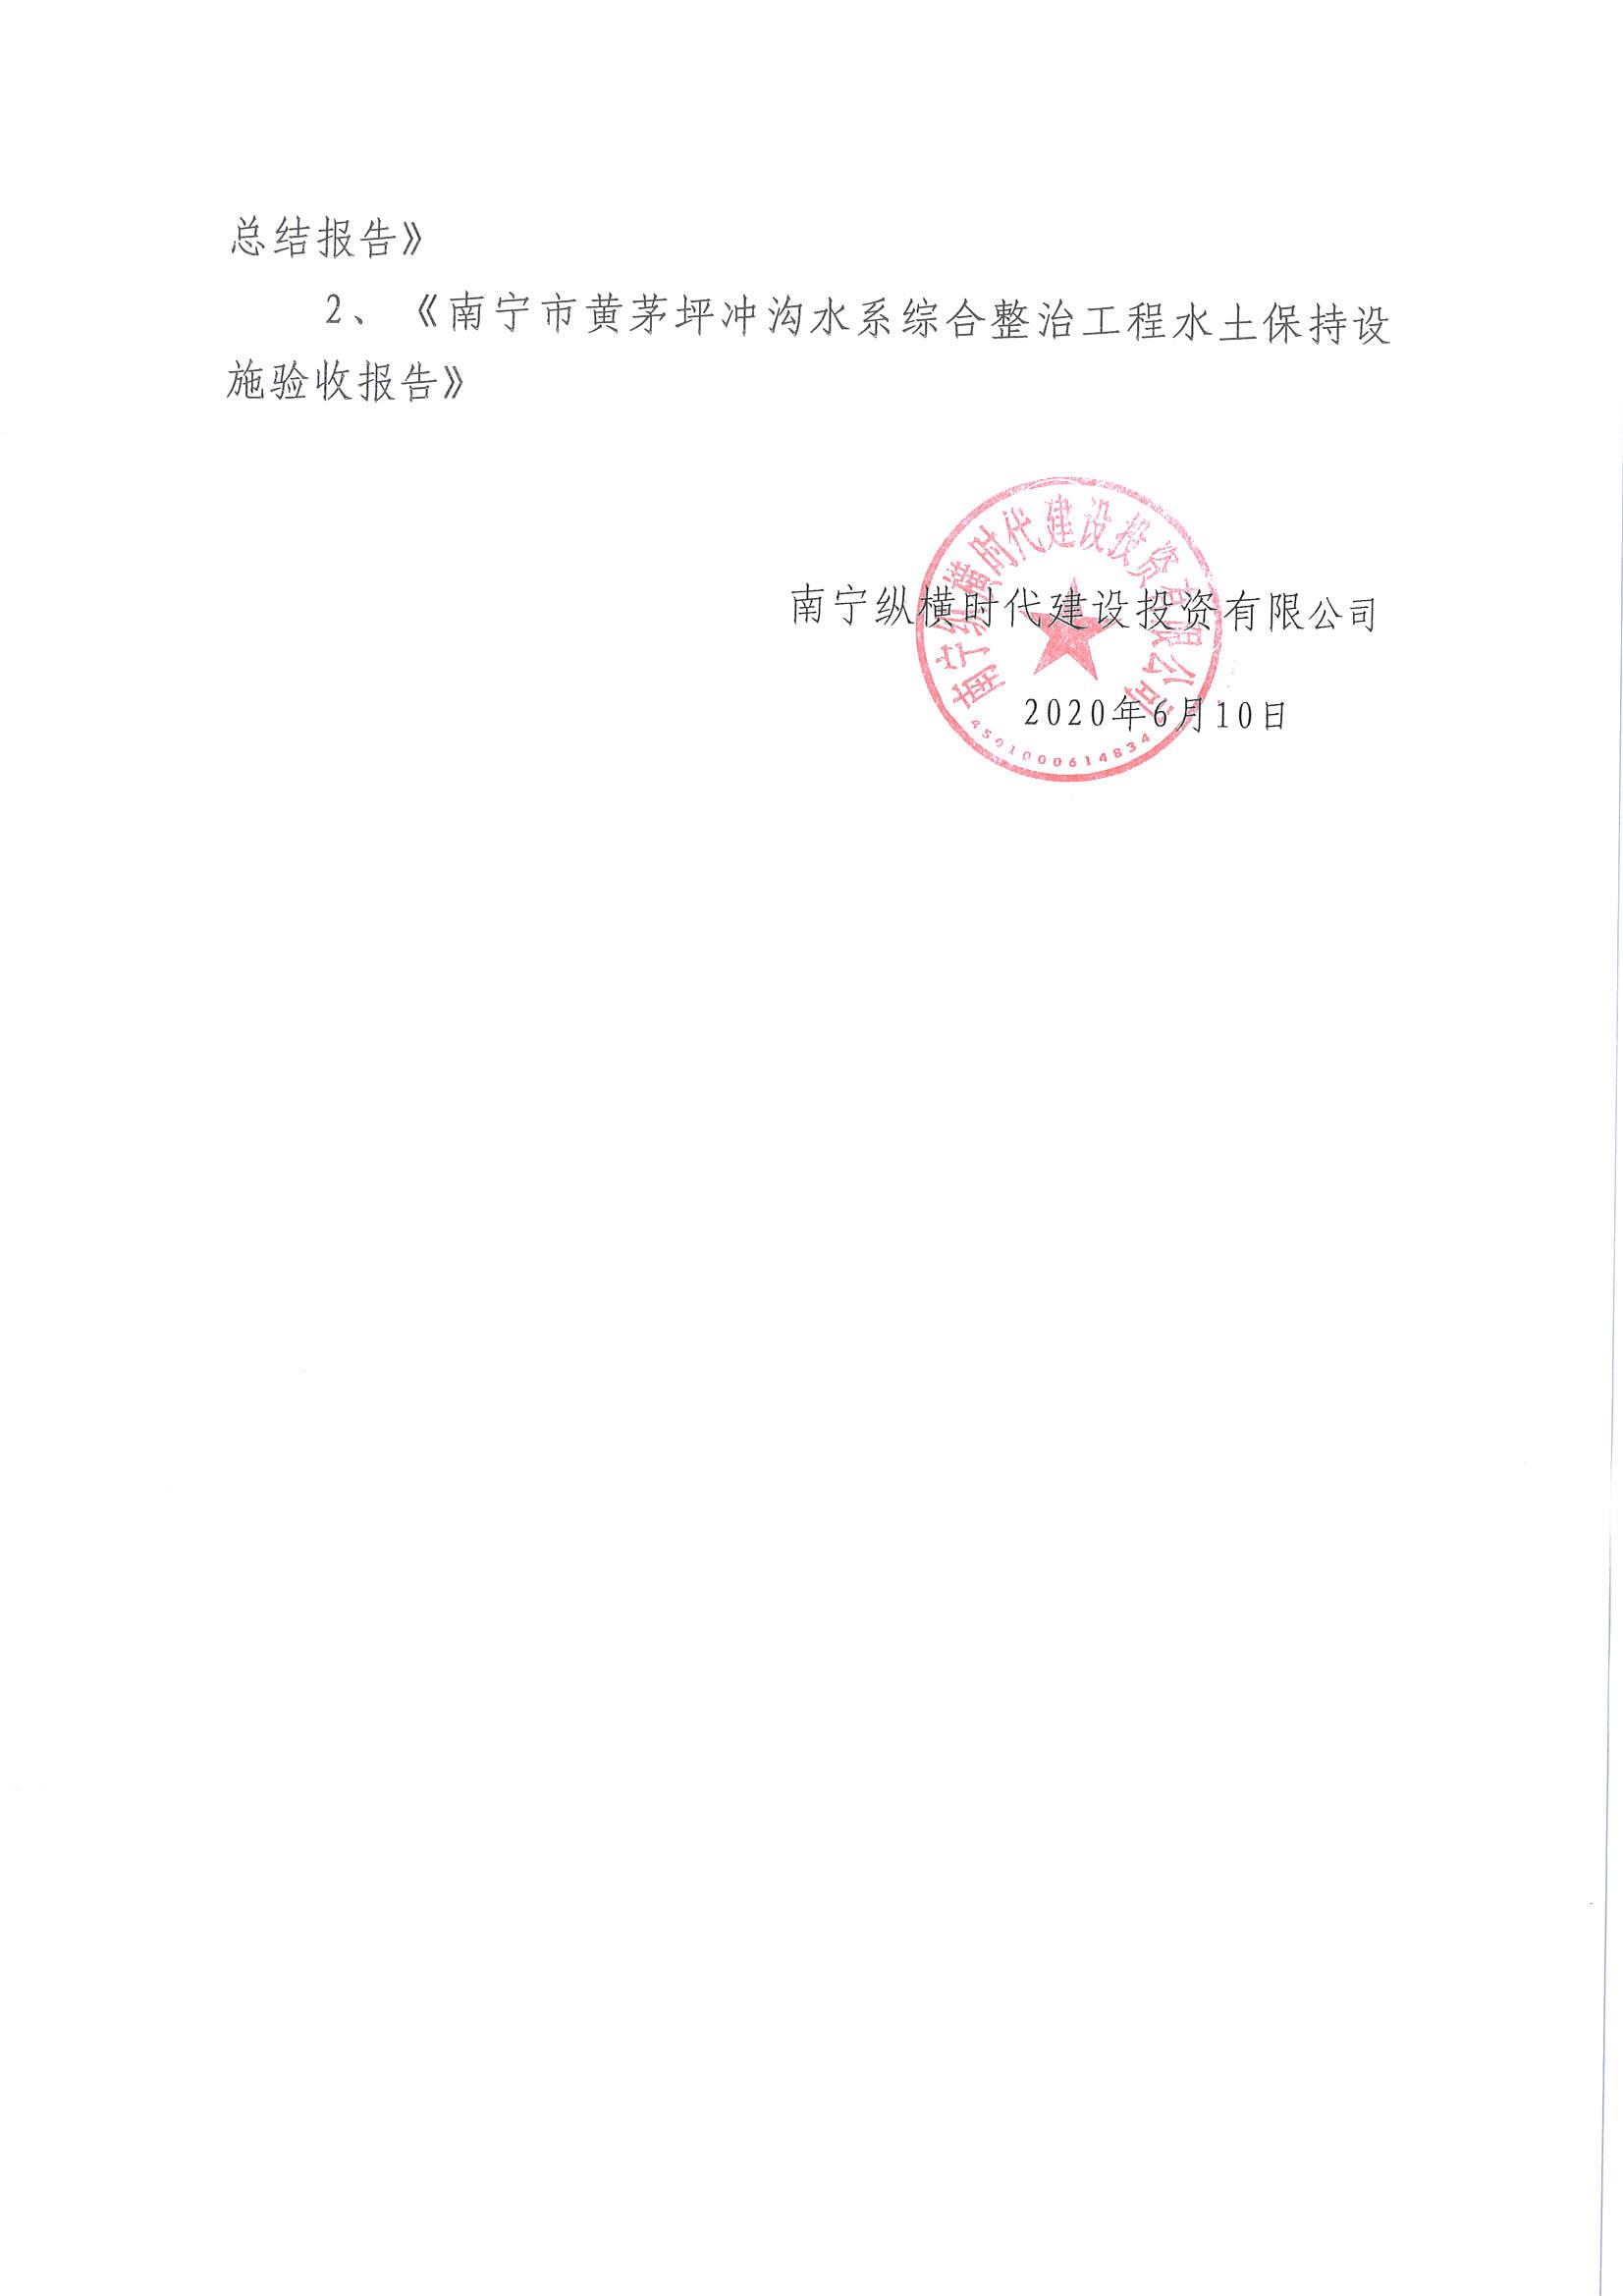 黄茅坪冲沟综合整治工程项目m6电竞设施验收的公示_页面_2.jpg